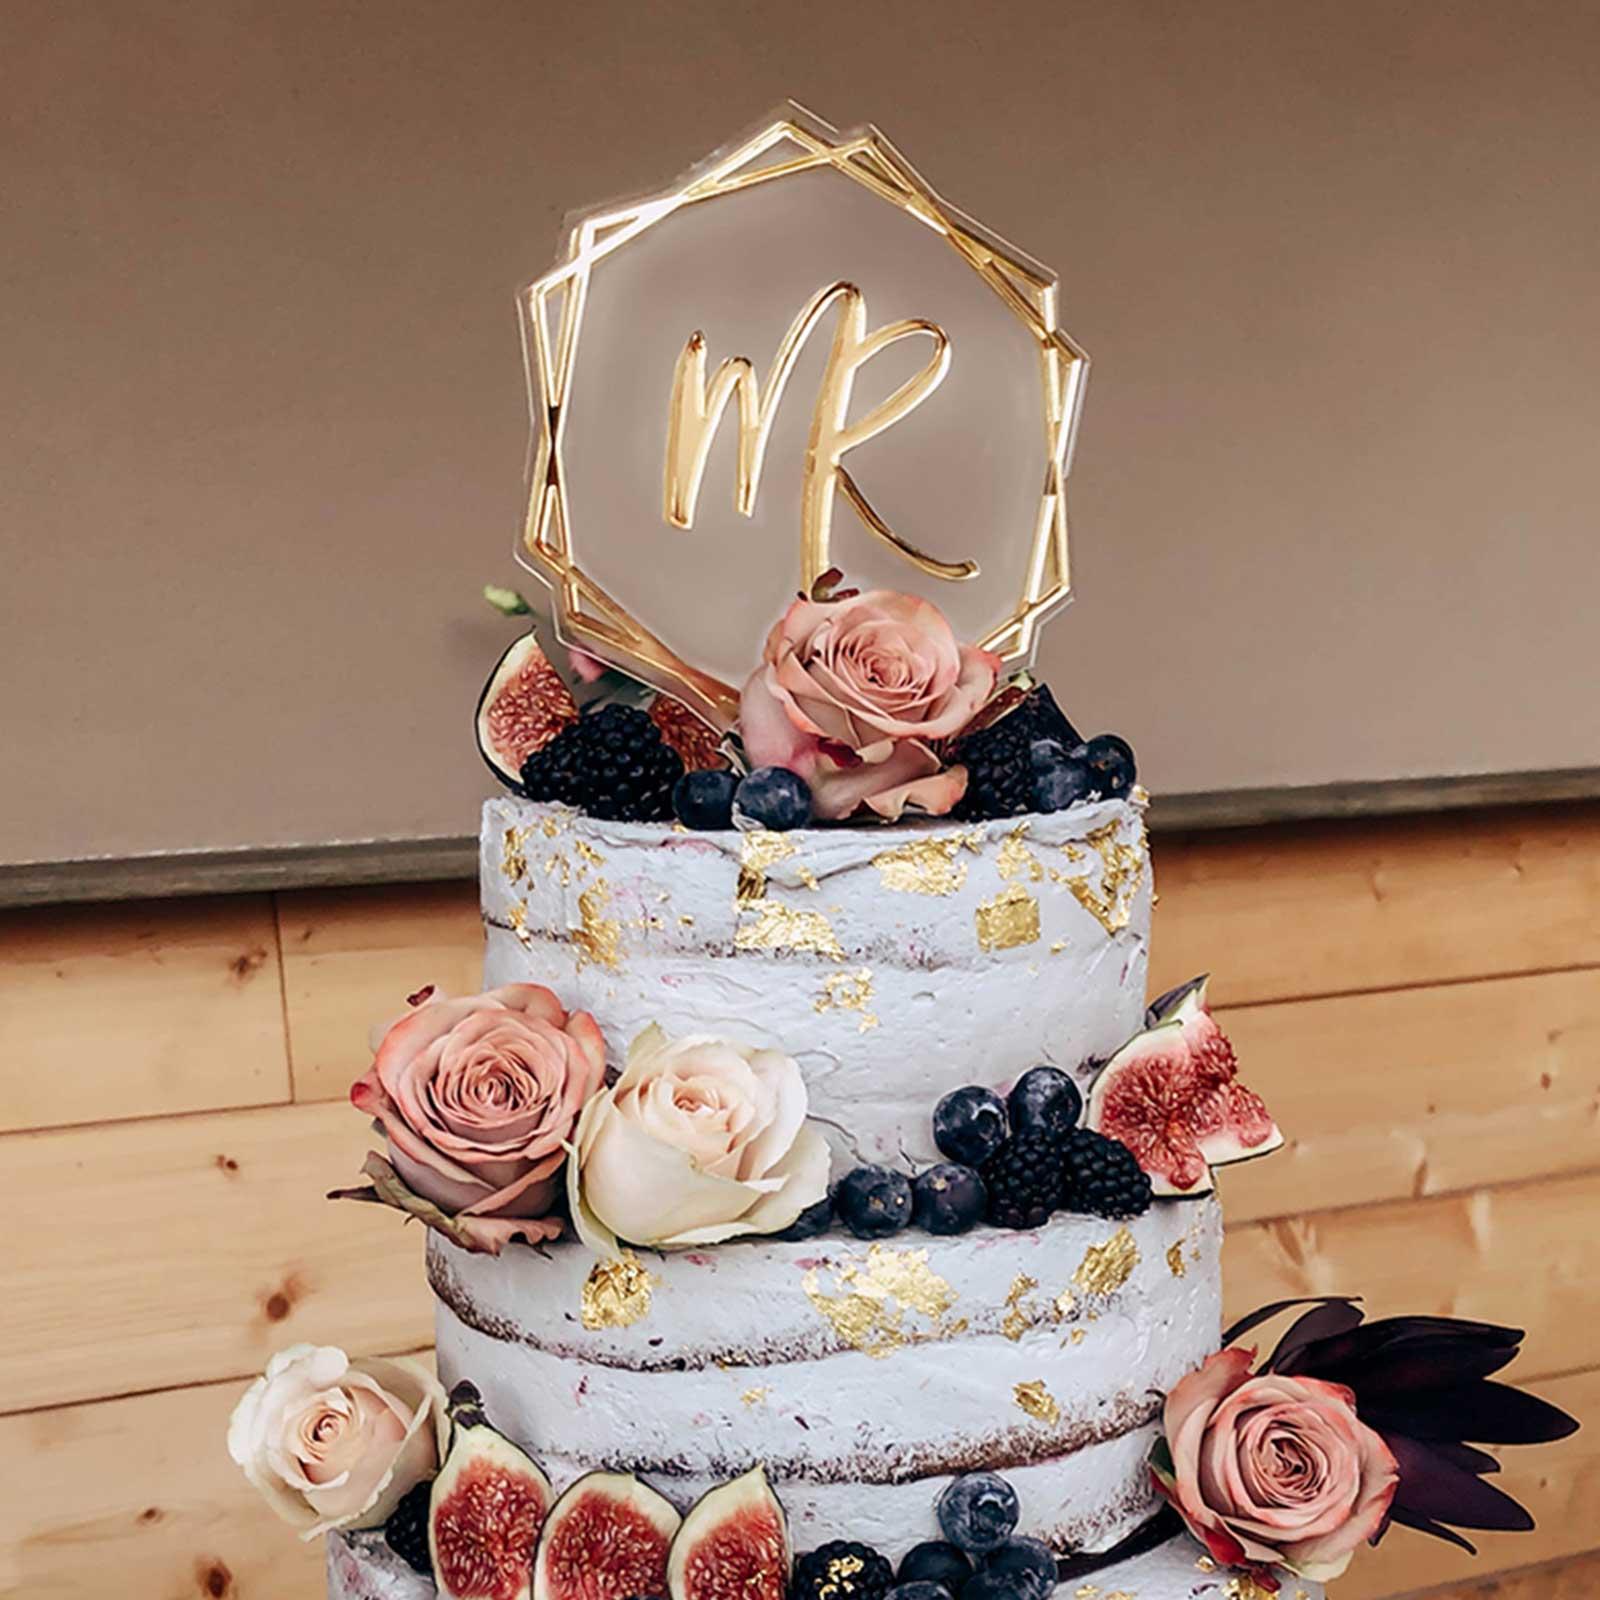 Caketopper; Frau Kopfkino; Tortenstecker; Love; Hochzeitsdekoration; Hochzeitstorte; Verlobung; Hochzeit; Liebe; Engagement; Cake topper; Topper; Torte; Tortendekoration; Spiegelaryl; Gold; Roségold; Silber; individueller Caketopper, Cake topper; Topper; Vorname; Name; Hexagon